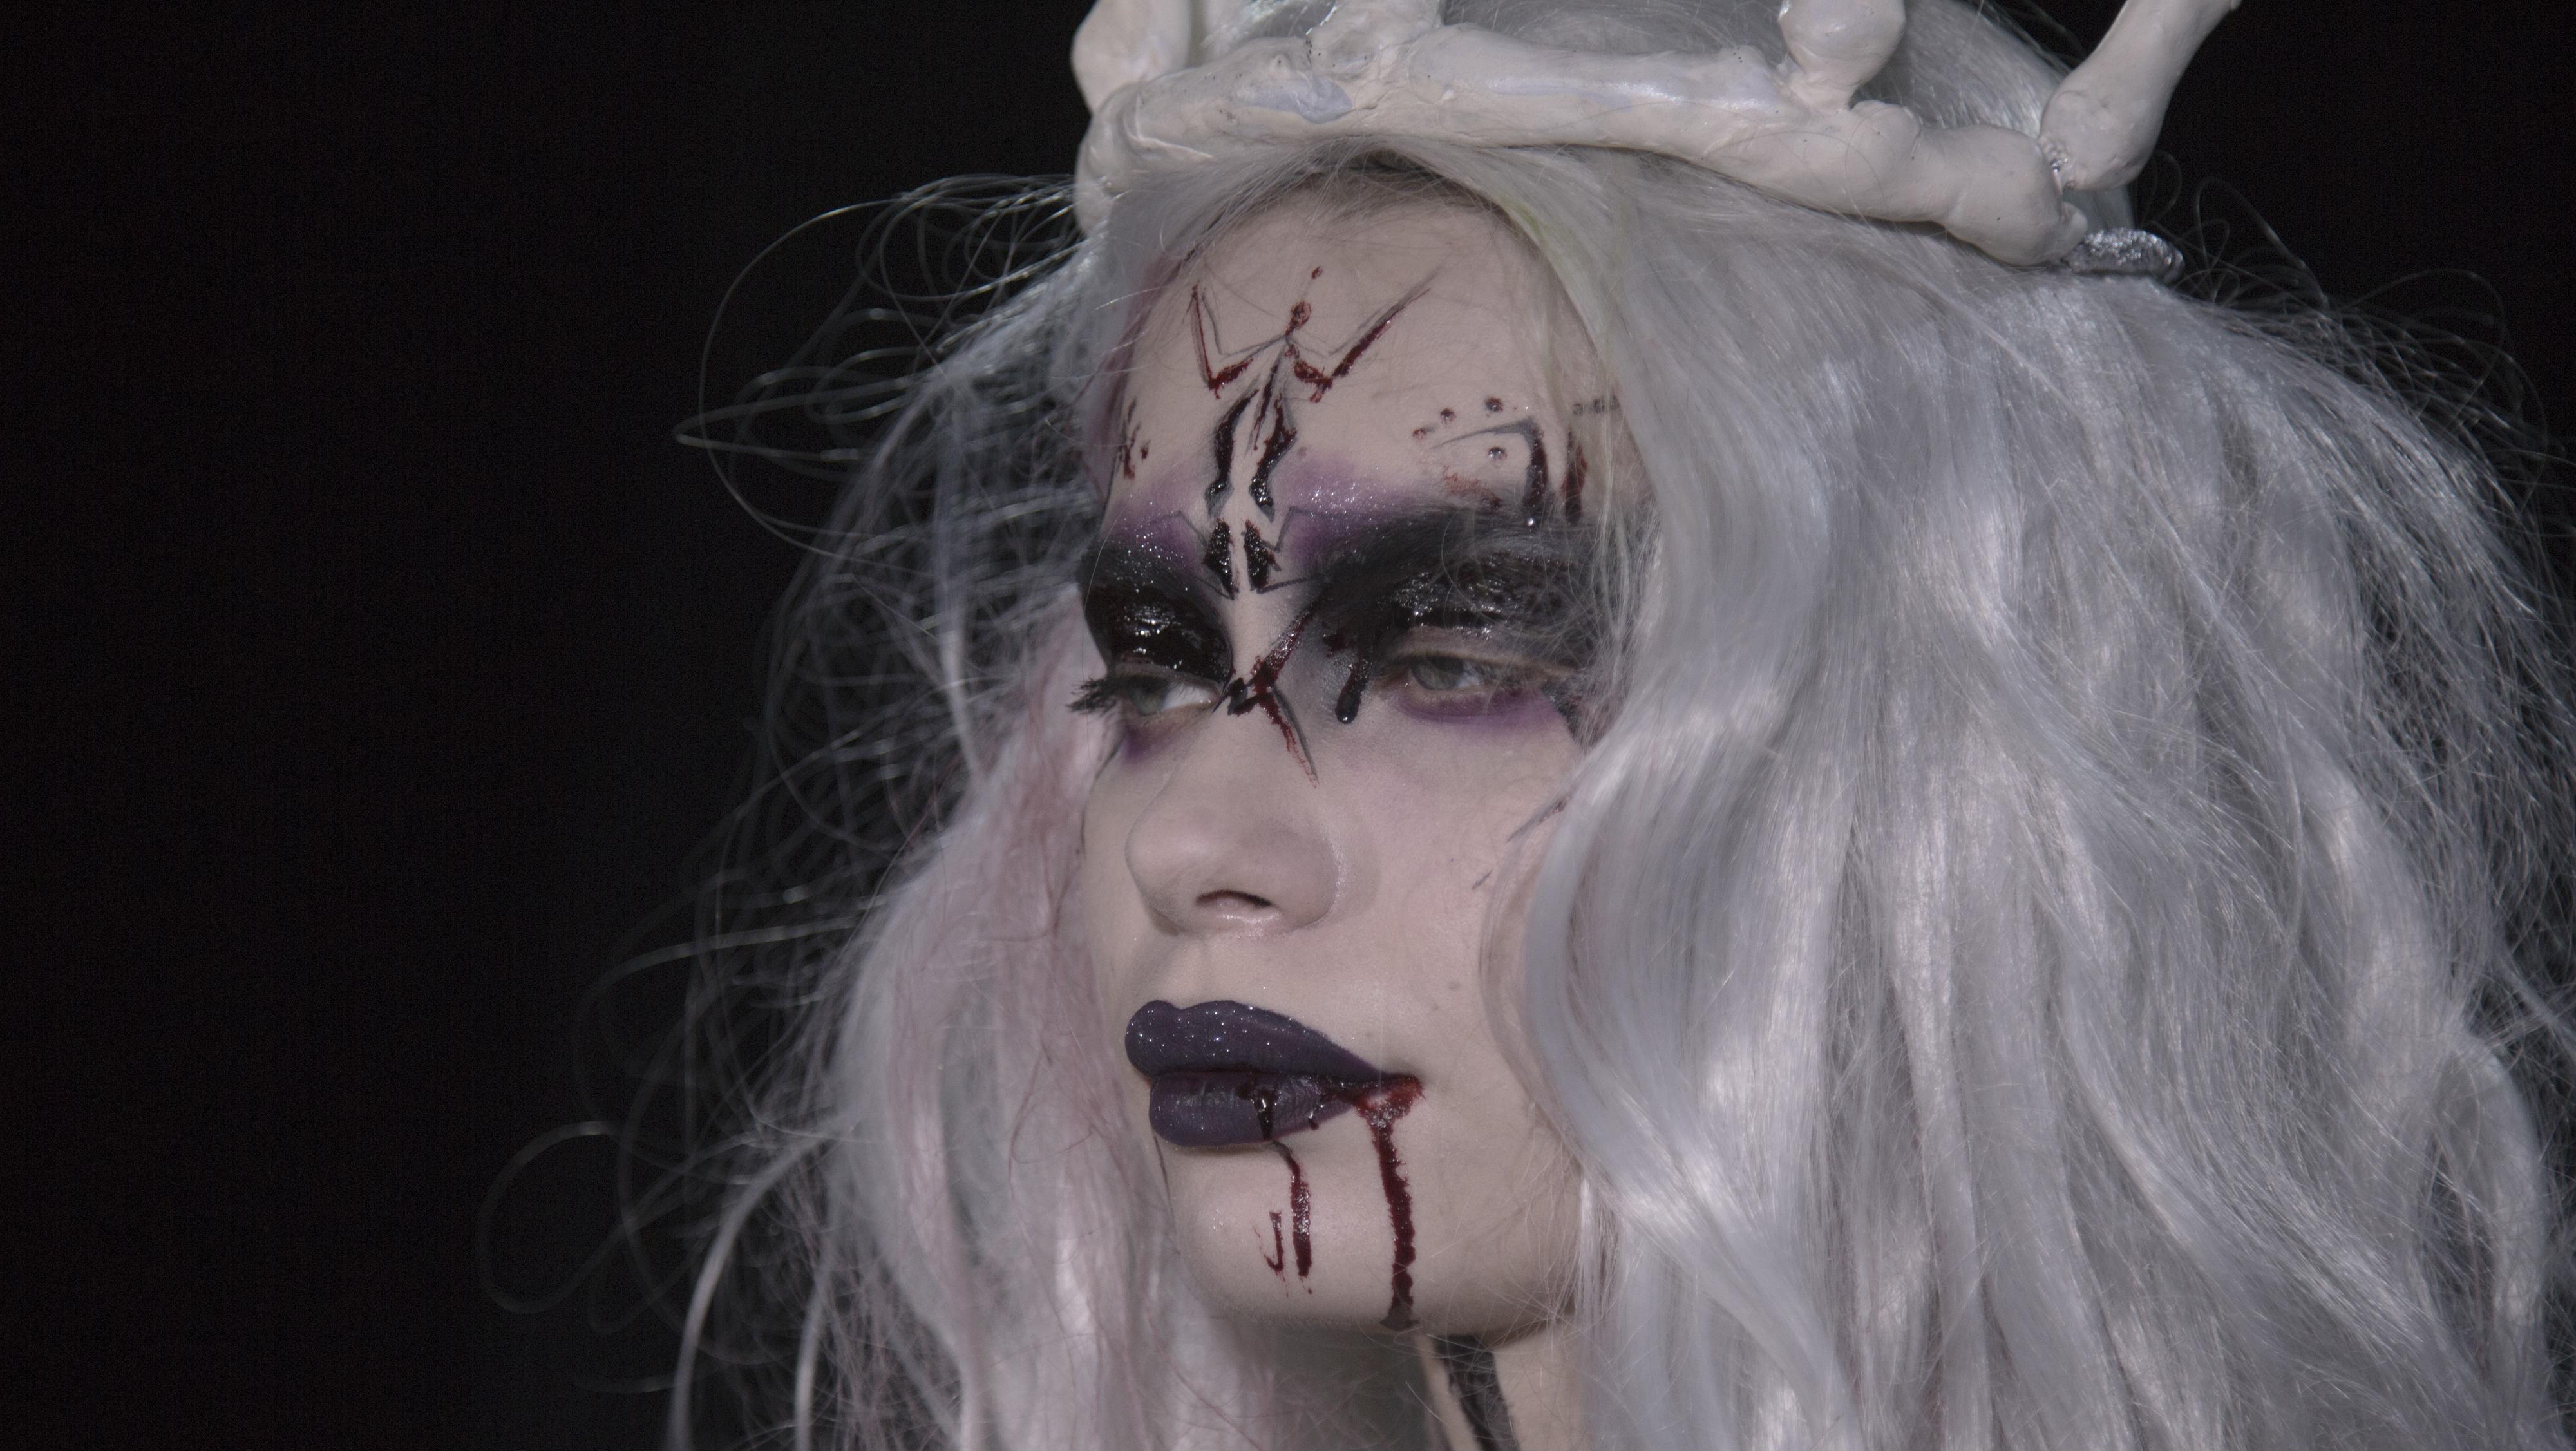 Гример Влад Варганкин создал авторский образ вампира.